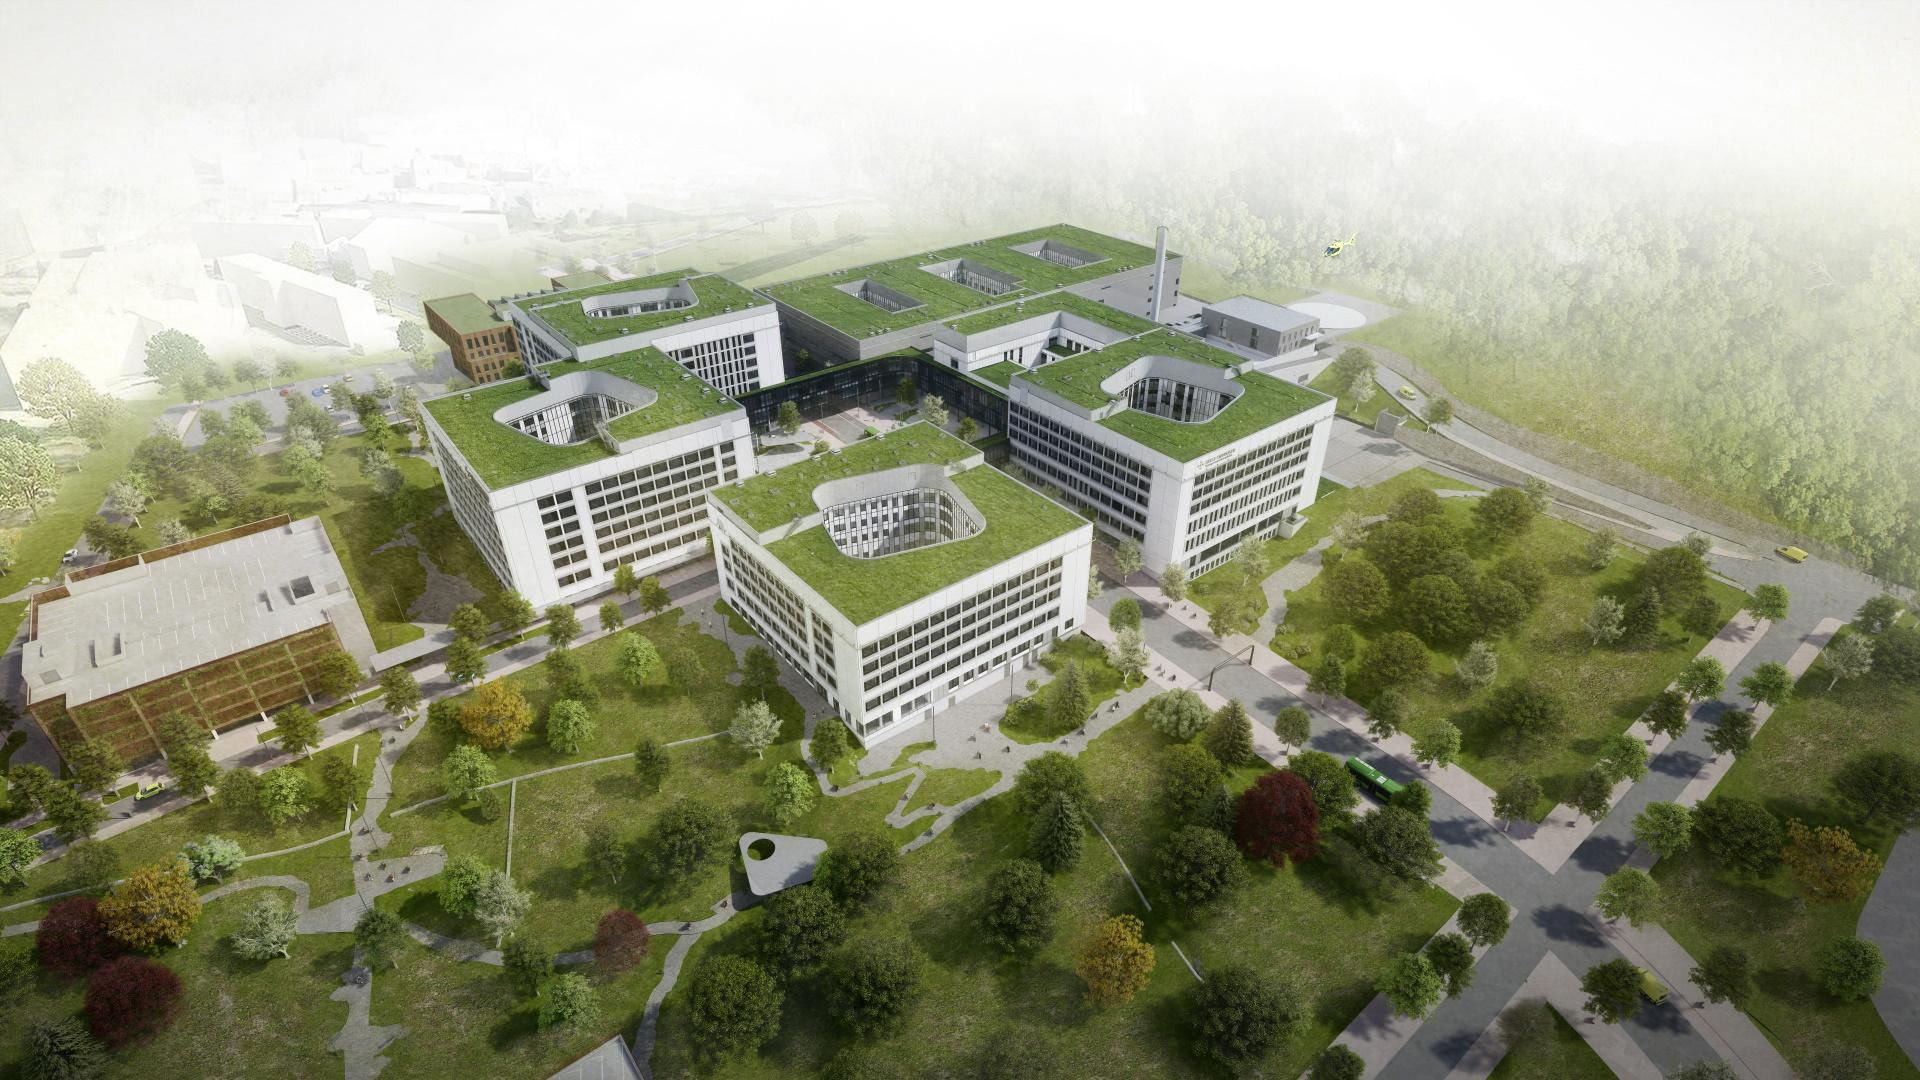 Stavanger hospital planning